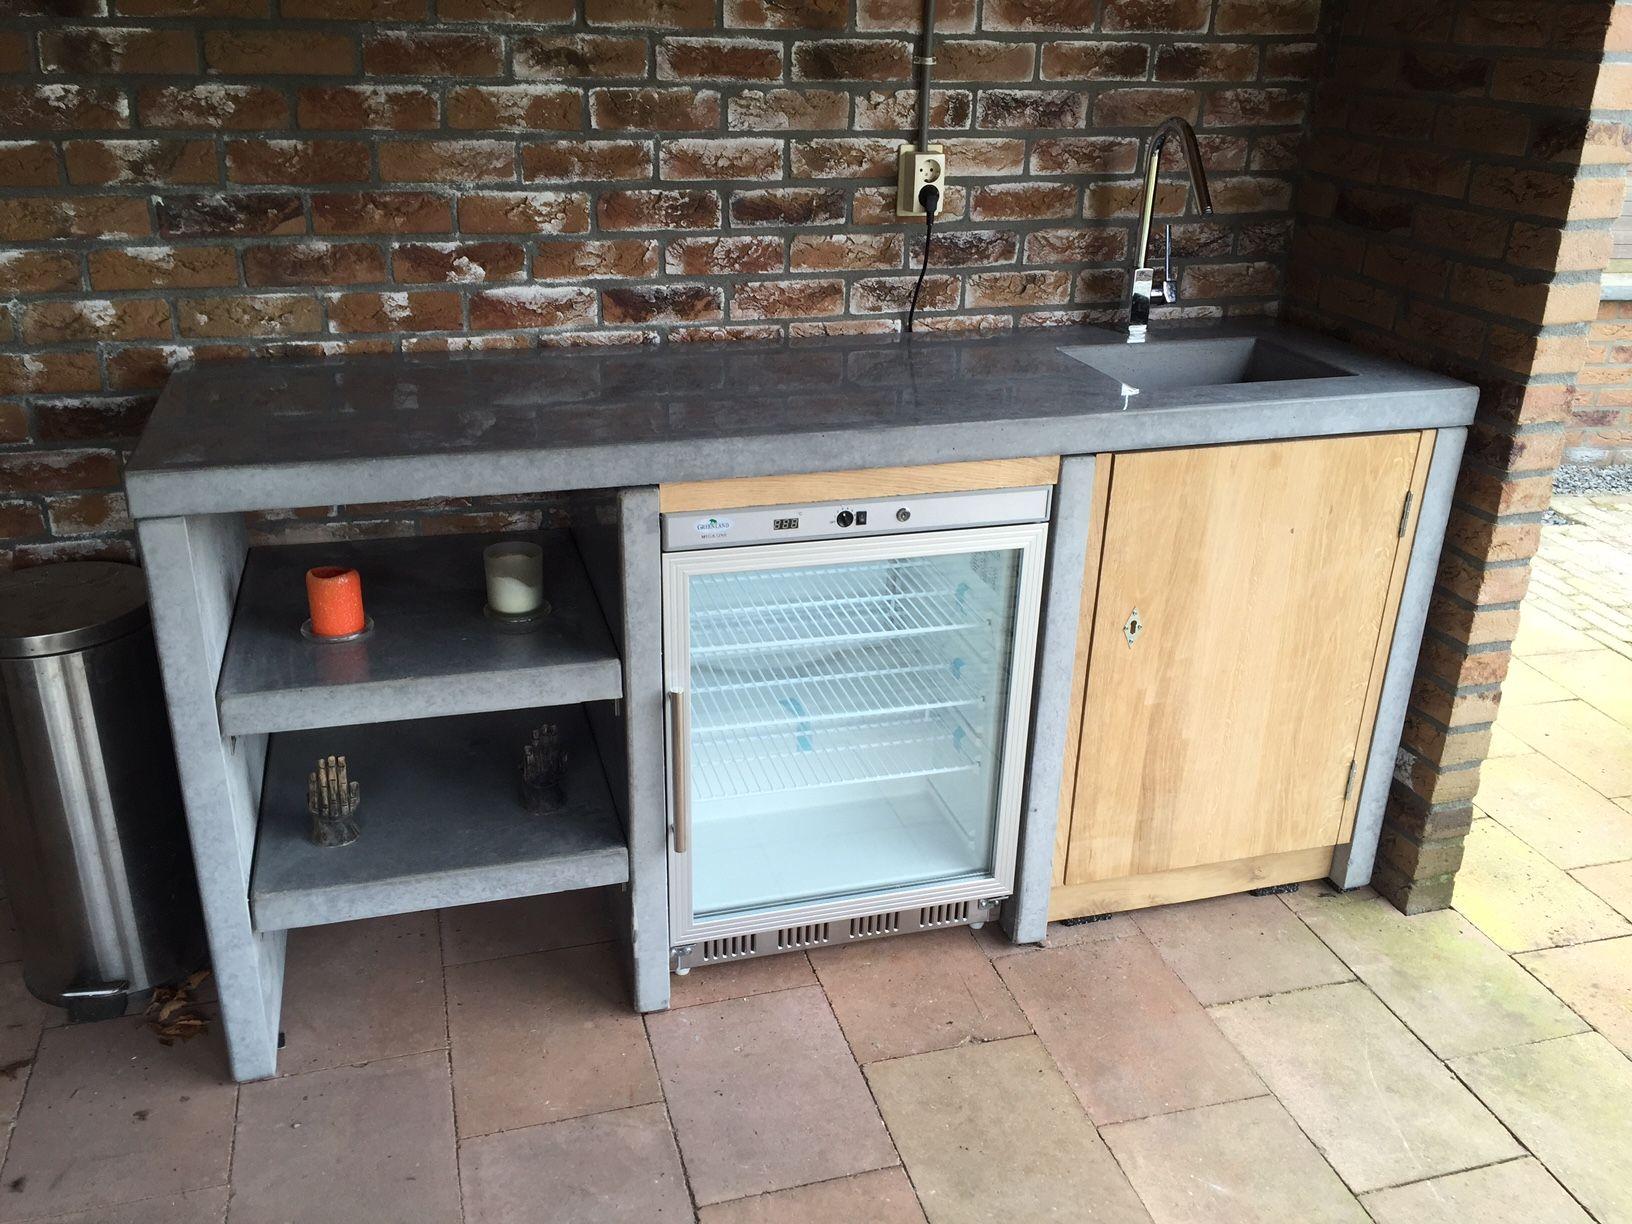 Buitenkeuken Koelkast/Spoelbak beton/Eiken kast - Keuken voor buiten ...